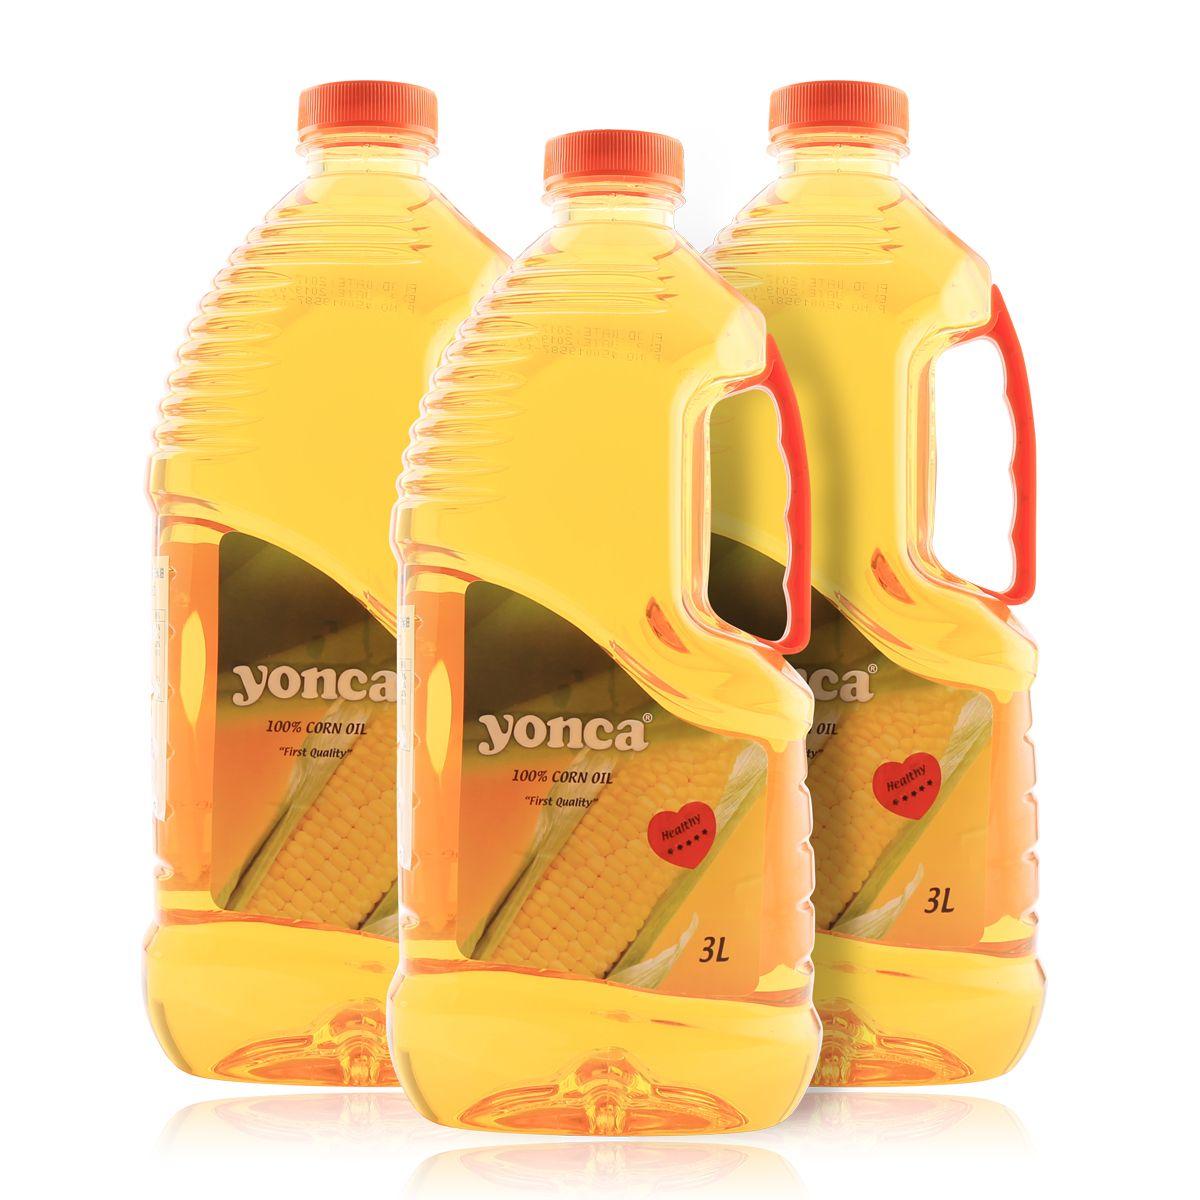 原装进口非转基因玉米油一级食用油物理压榨健康礼品家用小包装3L